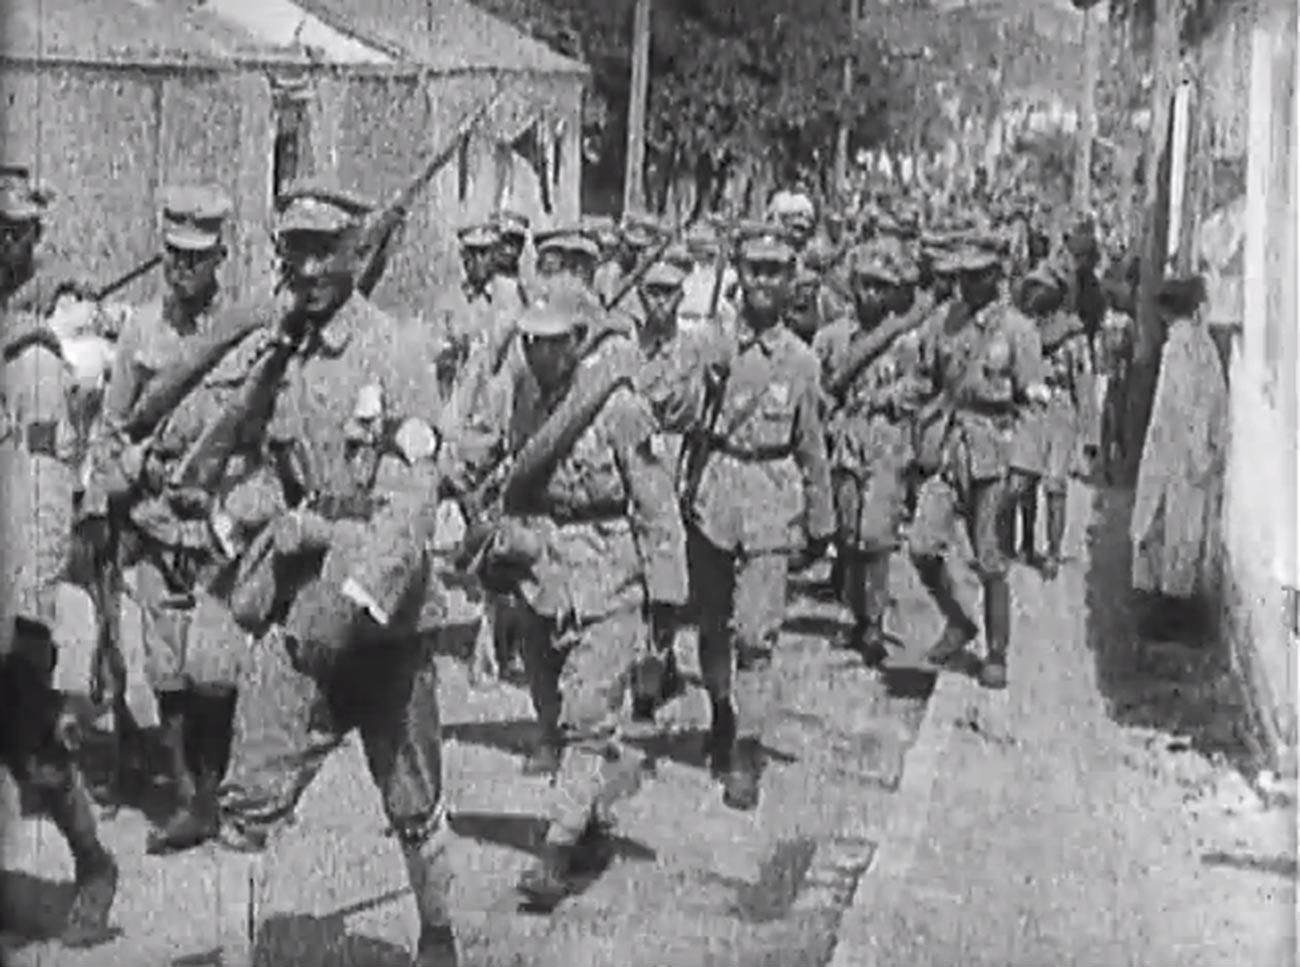 Troupes de l'Armée nationale révolutionnaire